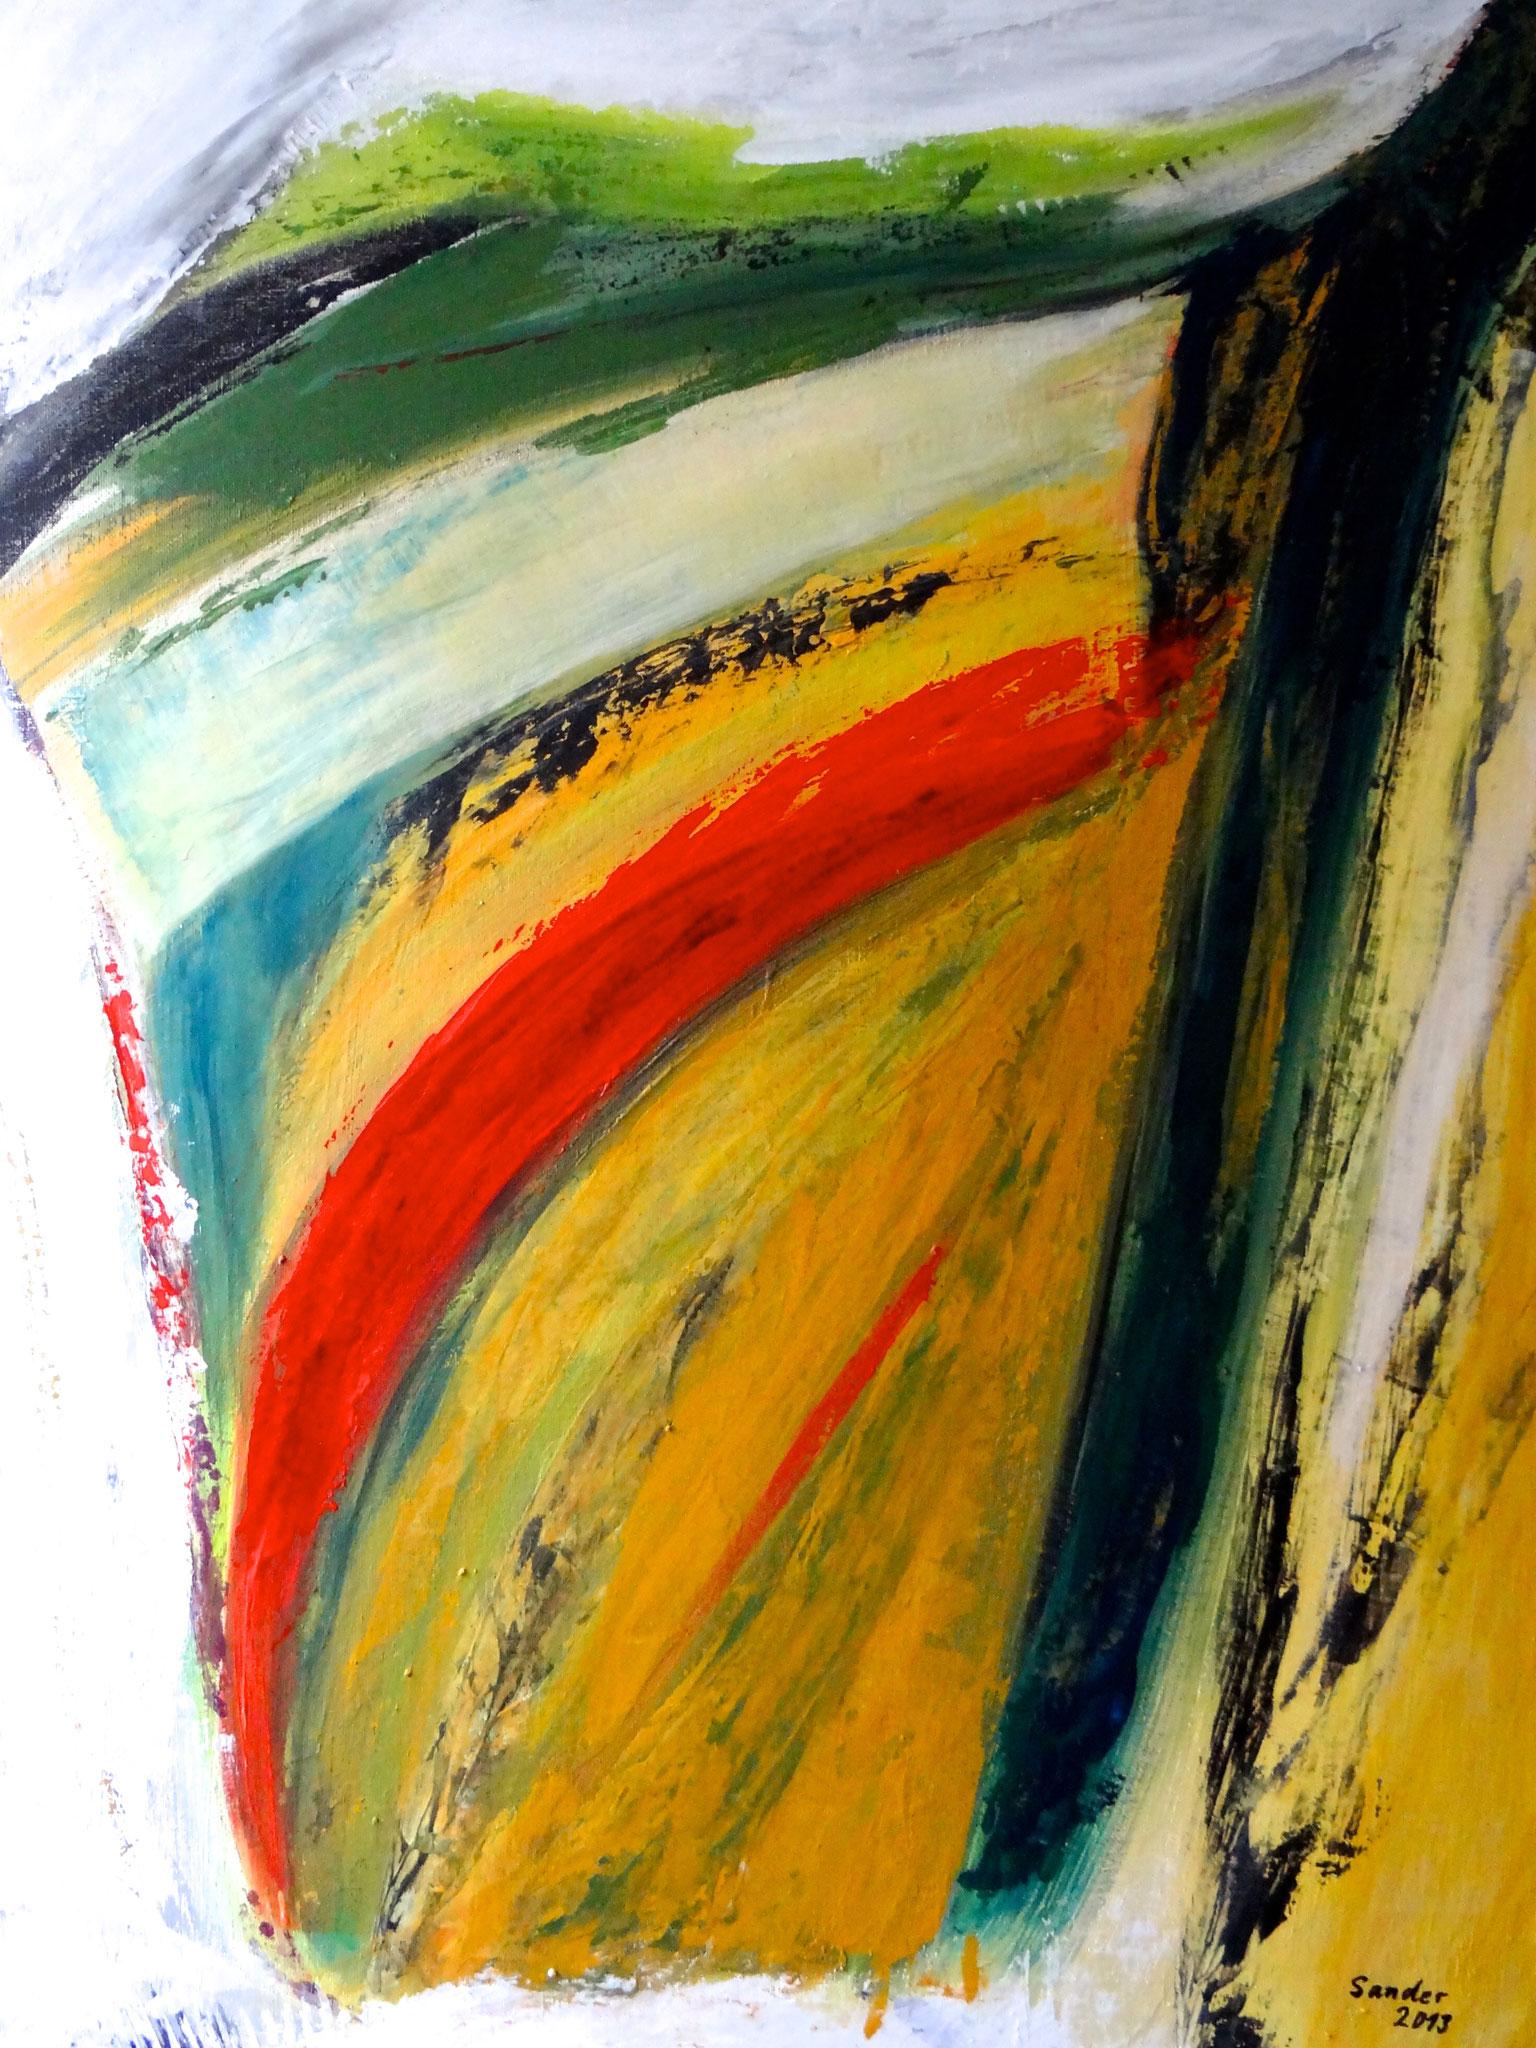 Farbenspiel 1, 70 x 50 cm, Acrylfarben auf Malkarton, signiert und datiert 2013